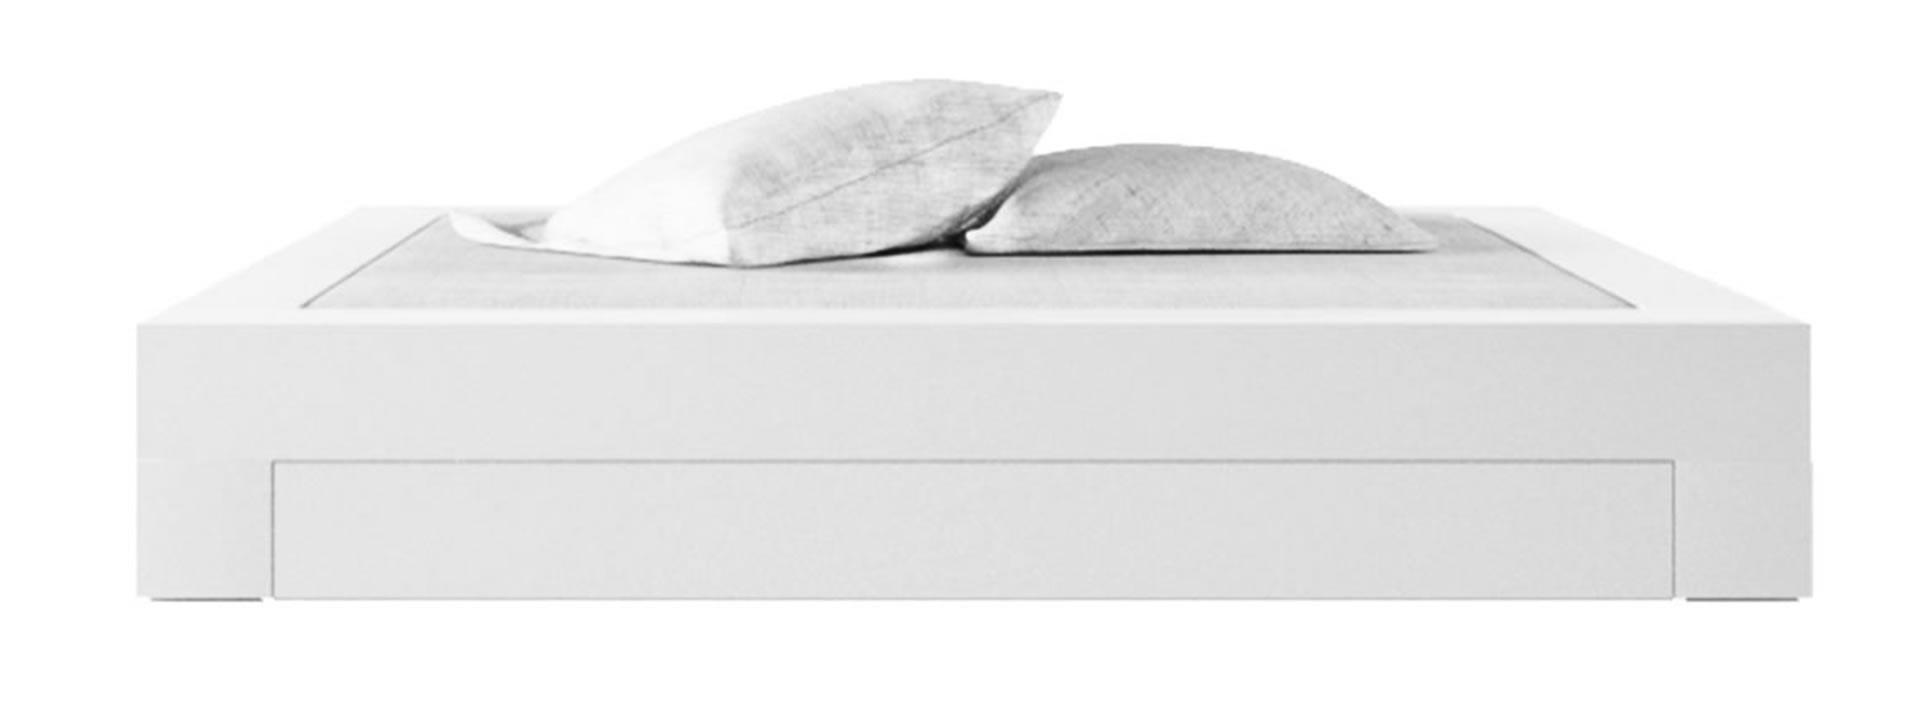 Full Size of Bett Mit Schubladen Weiß 180x200 Bettkasten 140x200 Lattenrost Betten Günstig Kaufen Bad Hängeschrank Hochglanz Dormiente L Küche Elektrogeräten Weißes Bett Bett Mit Schubladen Weiß